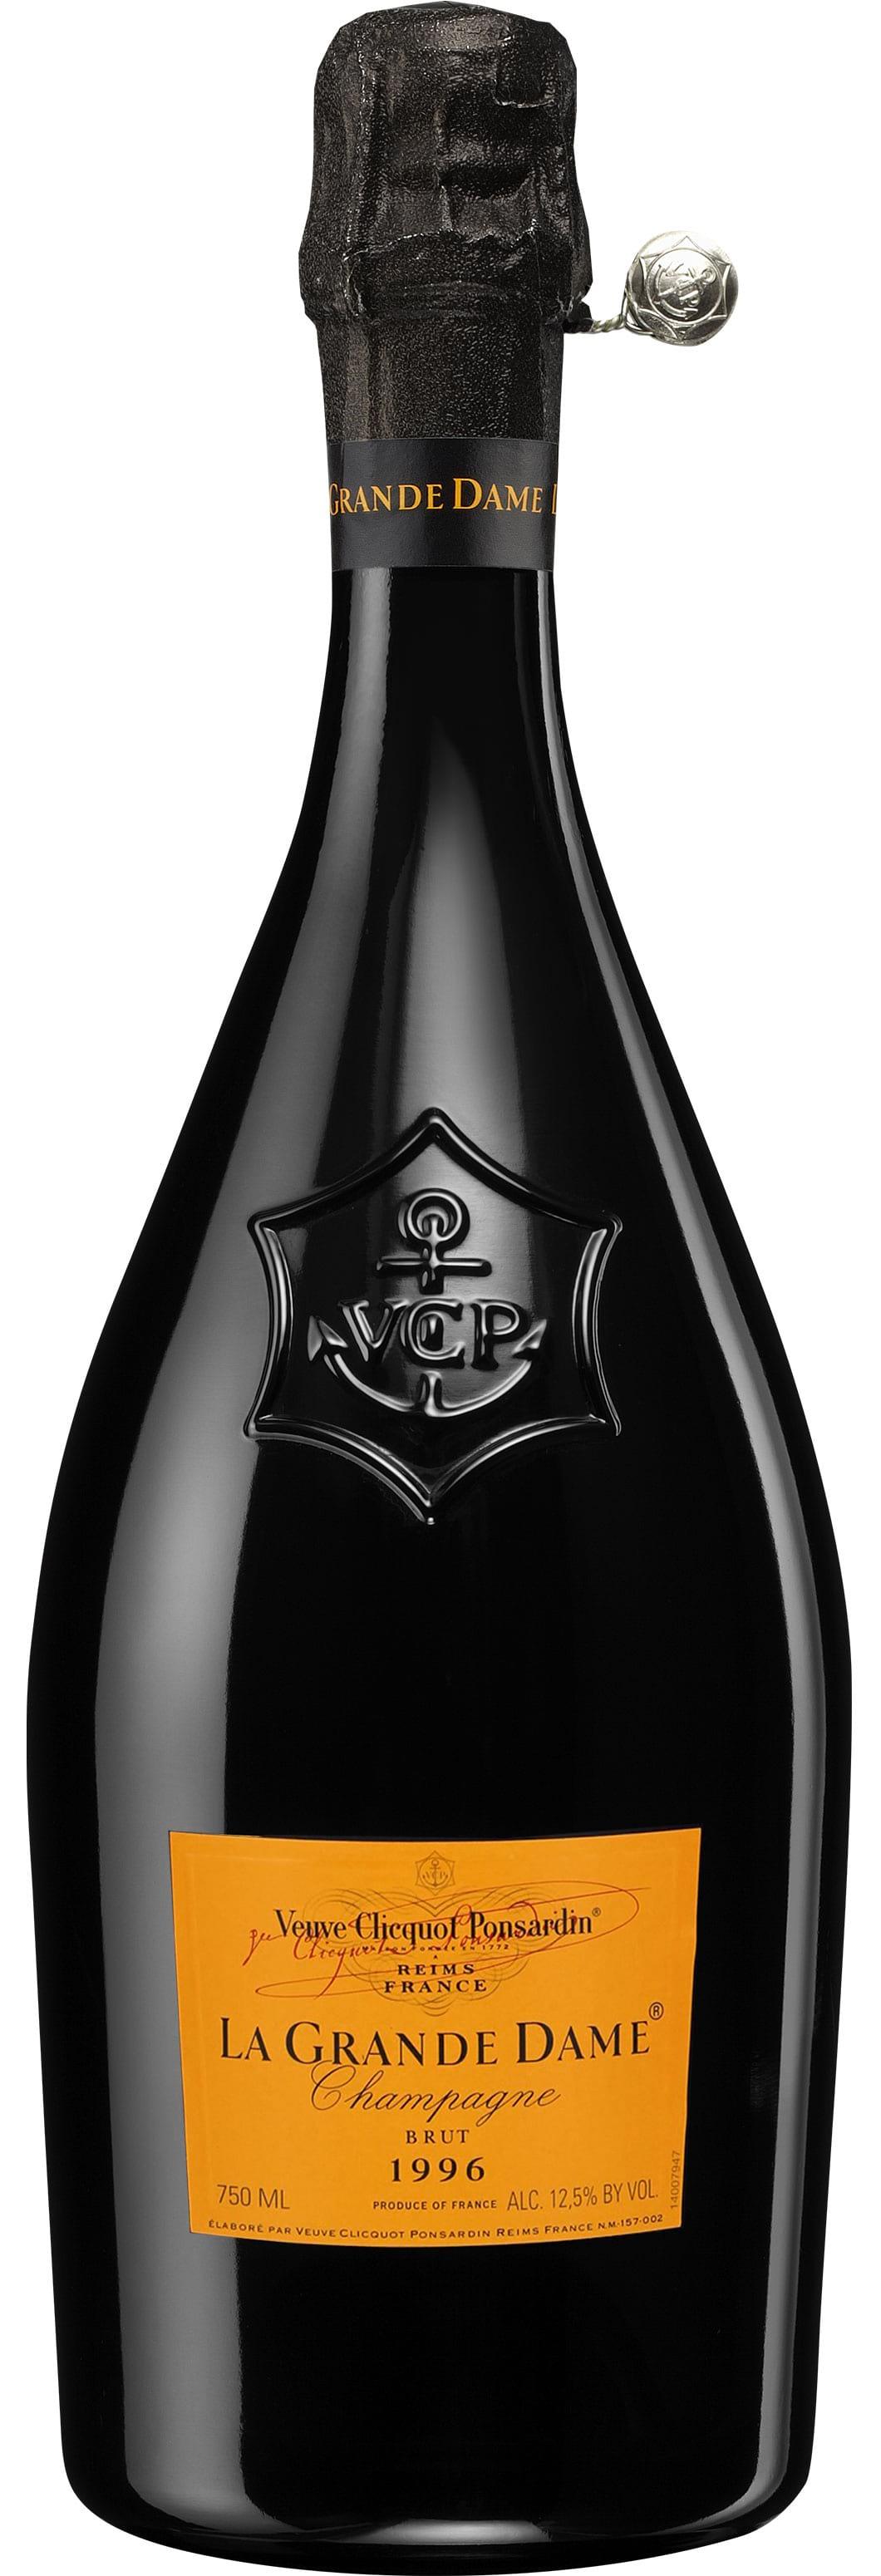 1996 Veuve Clicquot La Grande Dame Brut фото